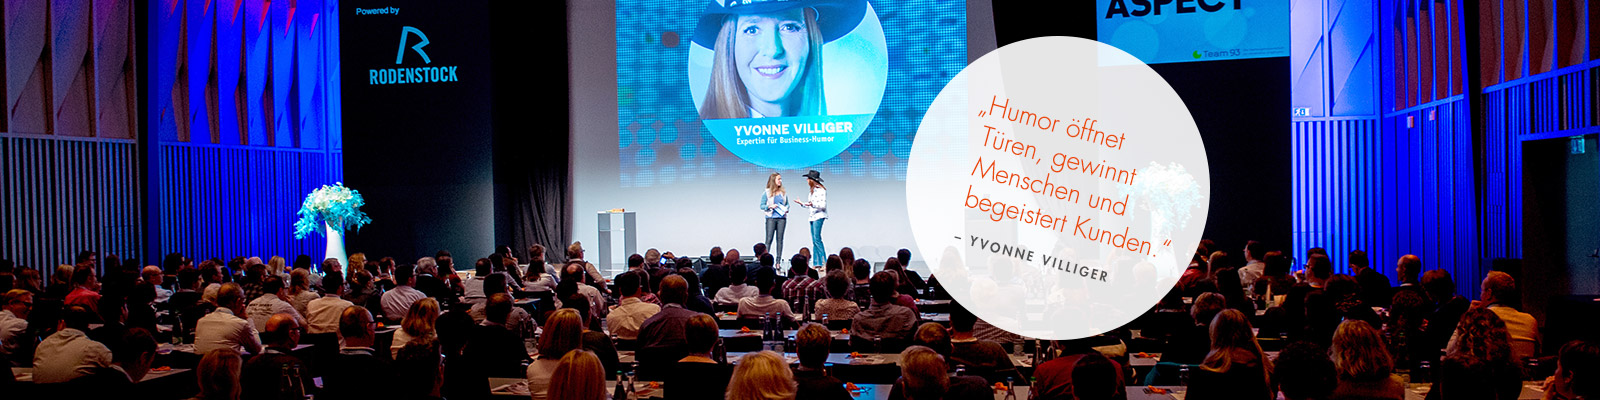 Speakerin Yvonne Villiger auf der Bühne bei Aspect